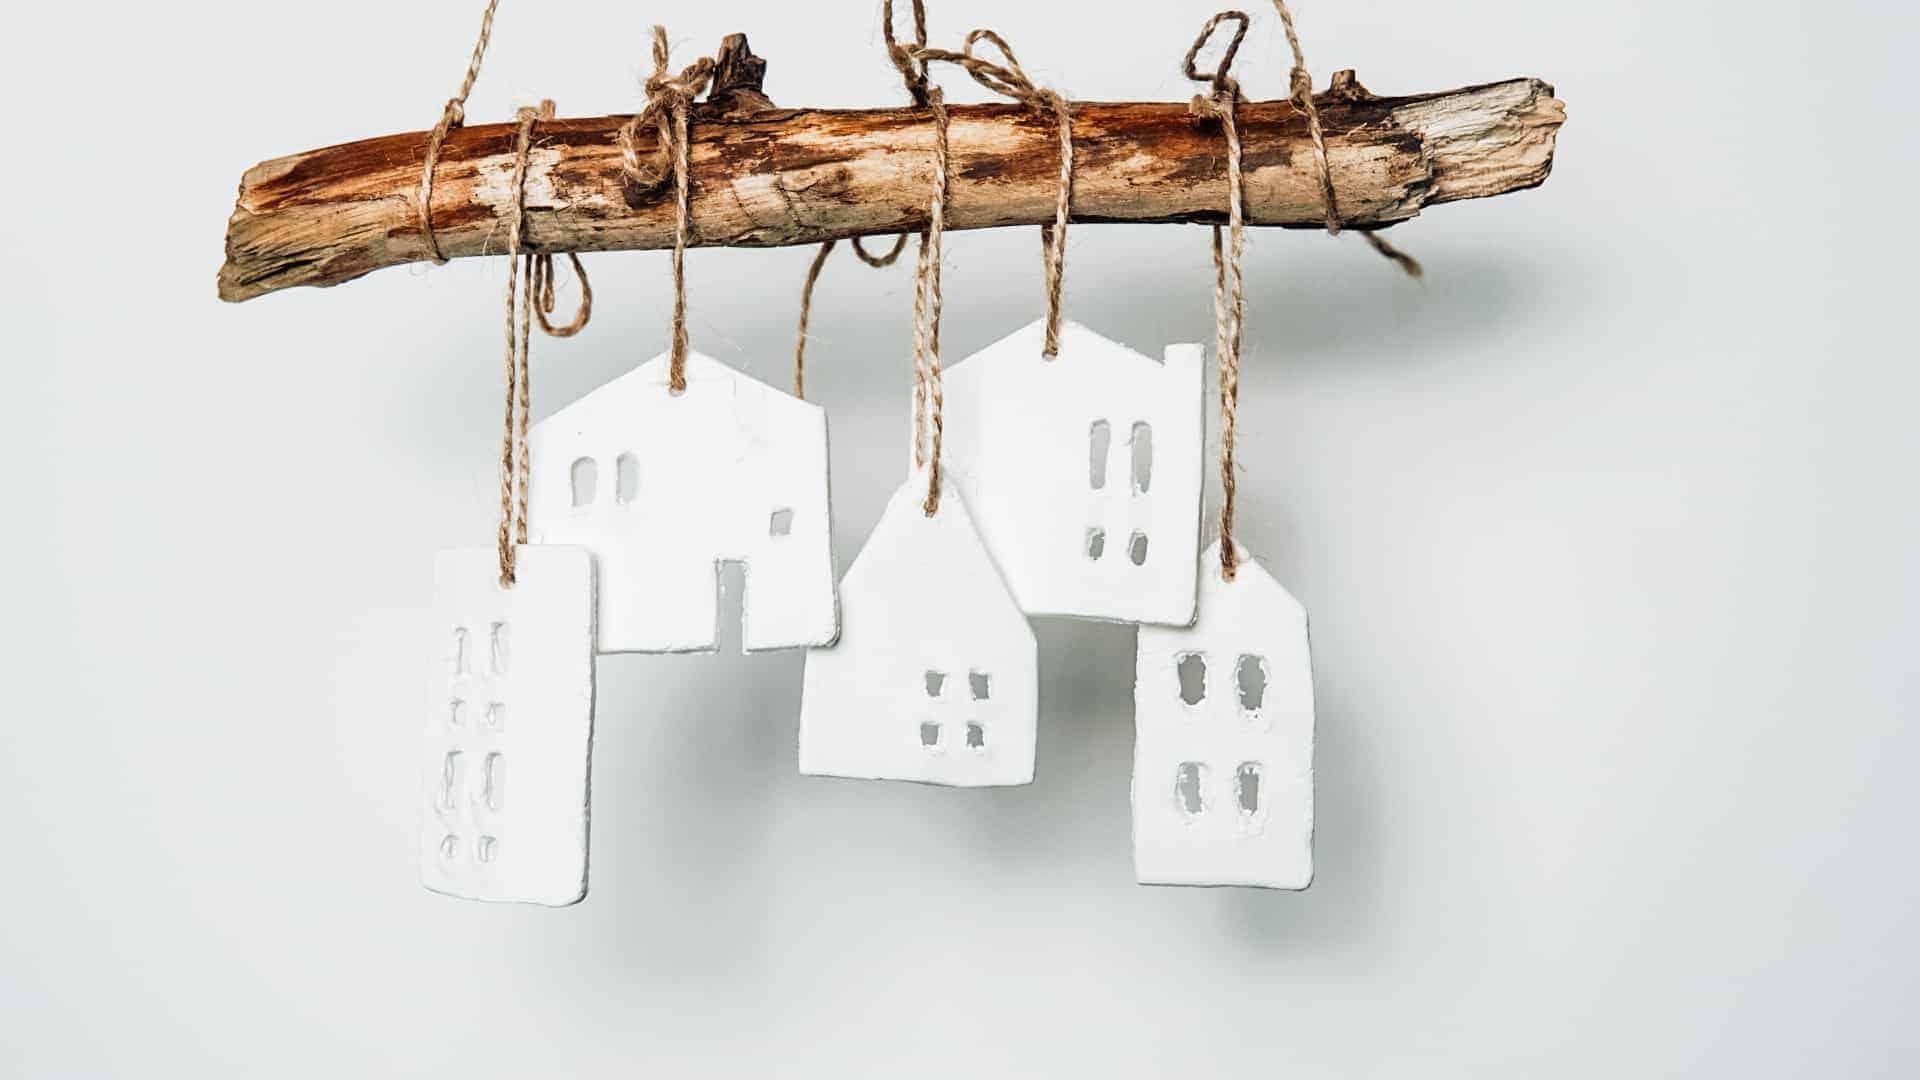 Haus Anhaenger aus Modelliermasse selber machen Haus modellieren alle fertig am Ast